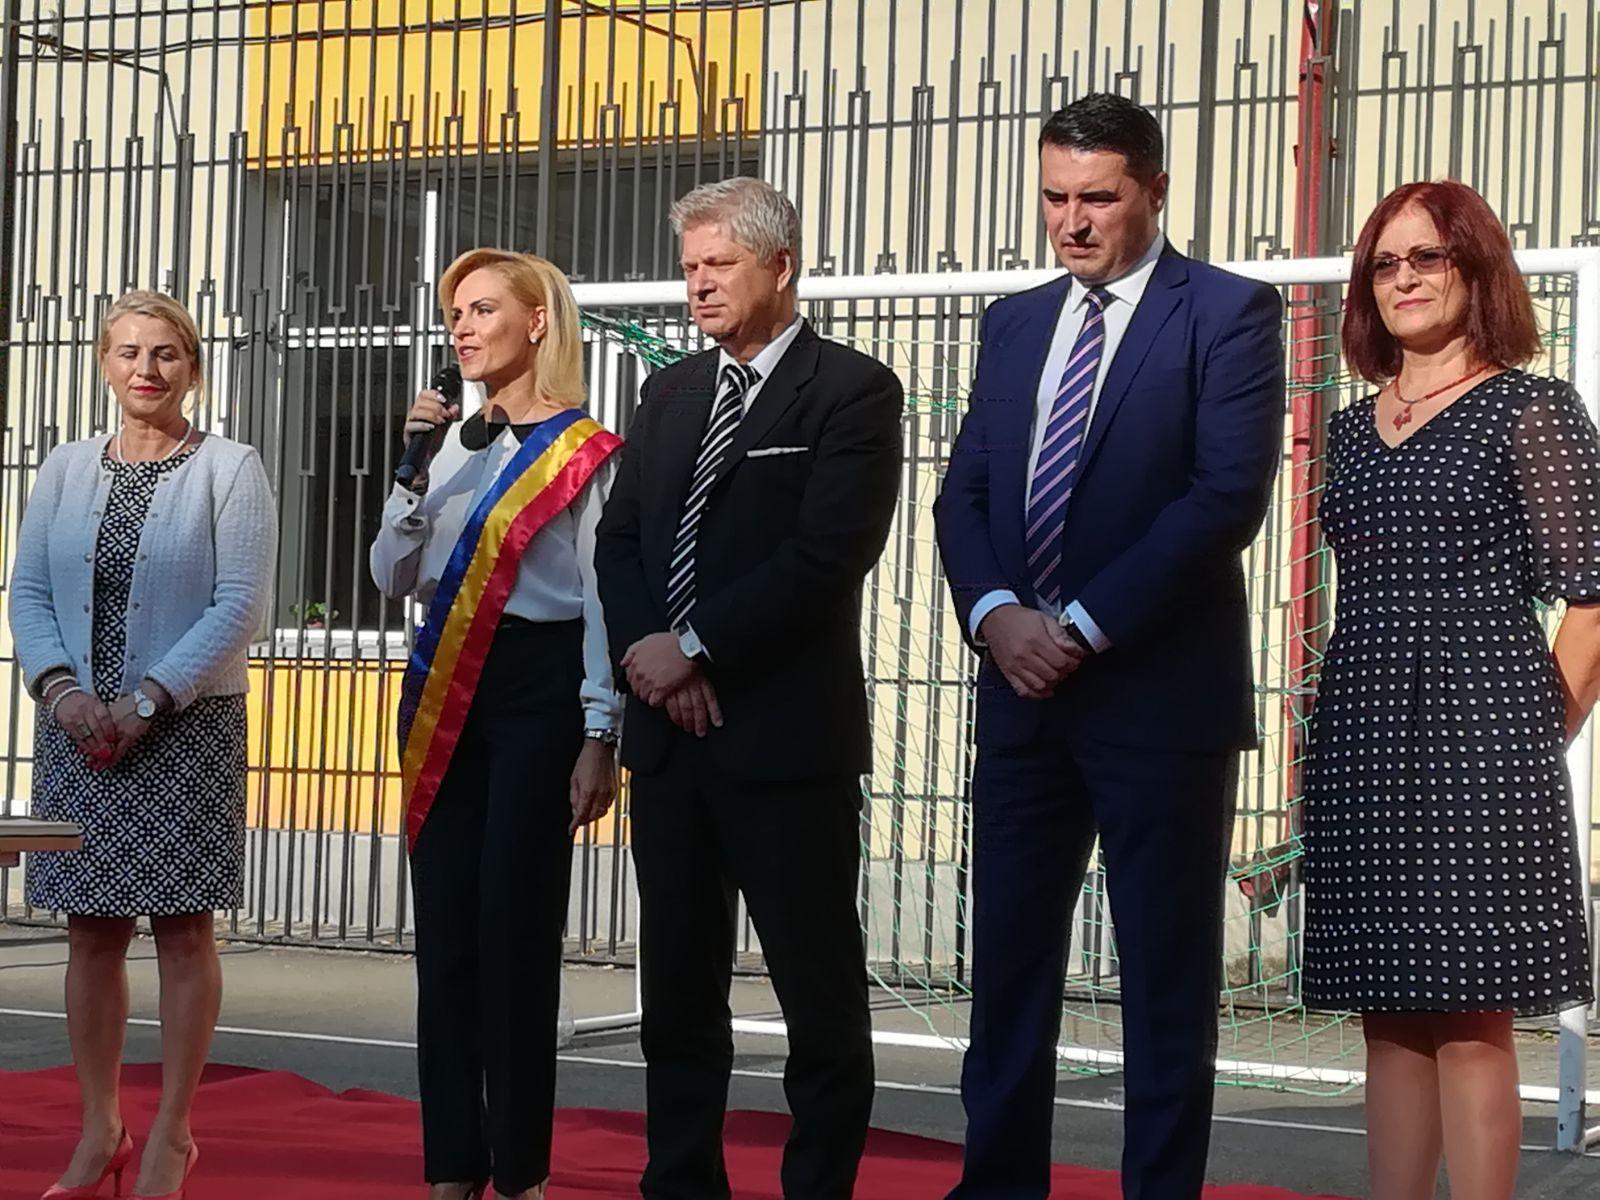 FOTO | Gabriela Firea, la deschiderea anului şcolar: Cea mai bună investiţie este în educaţie / Proiectul INEDIT anunţat de primar